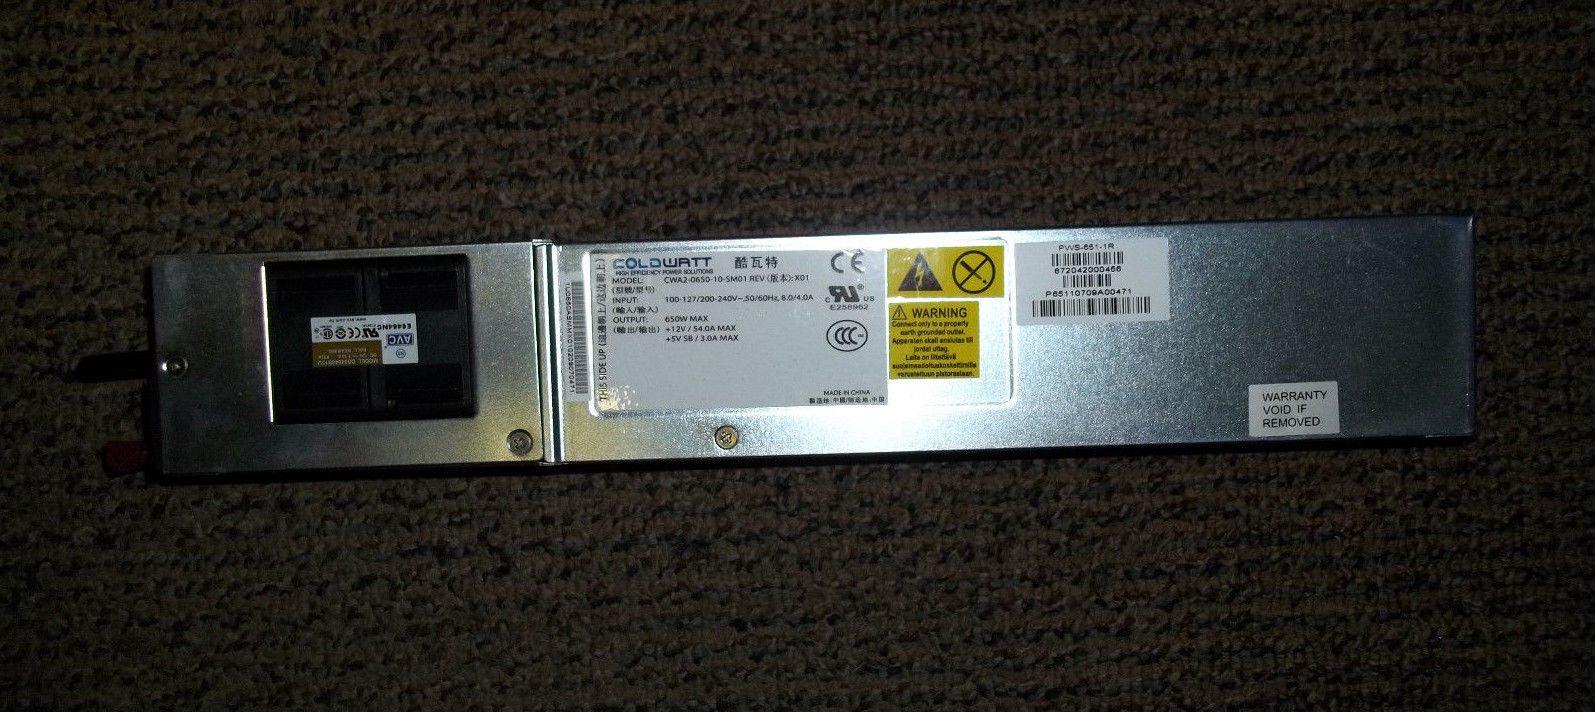 Supermicro PWS-651-1R Coldwatt CWA2-0650-10-SM01 650W Power Supply